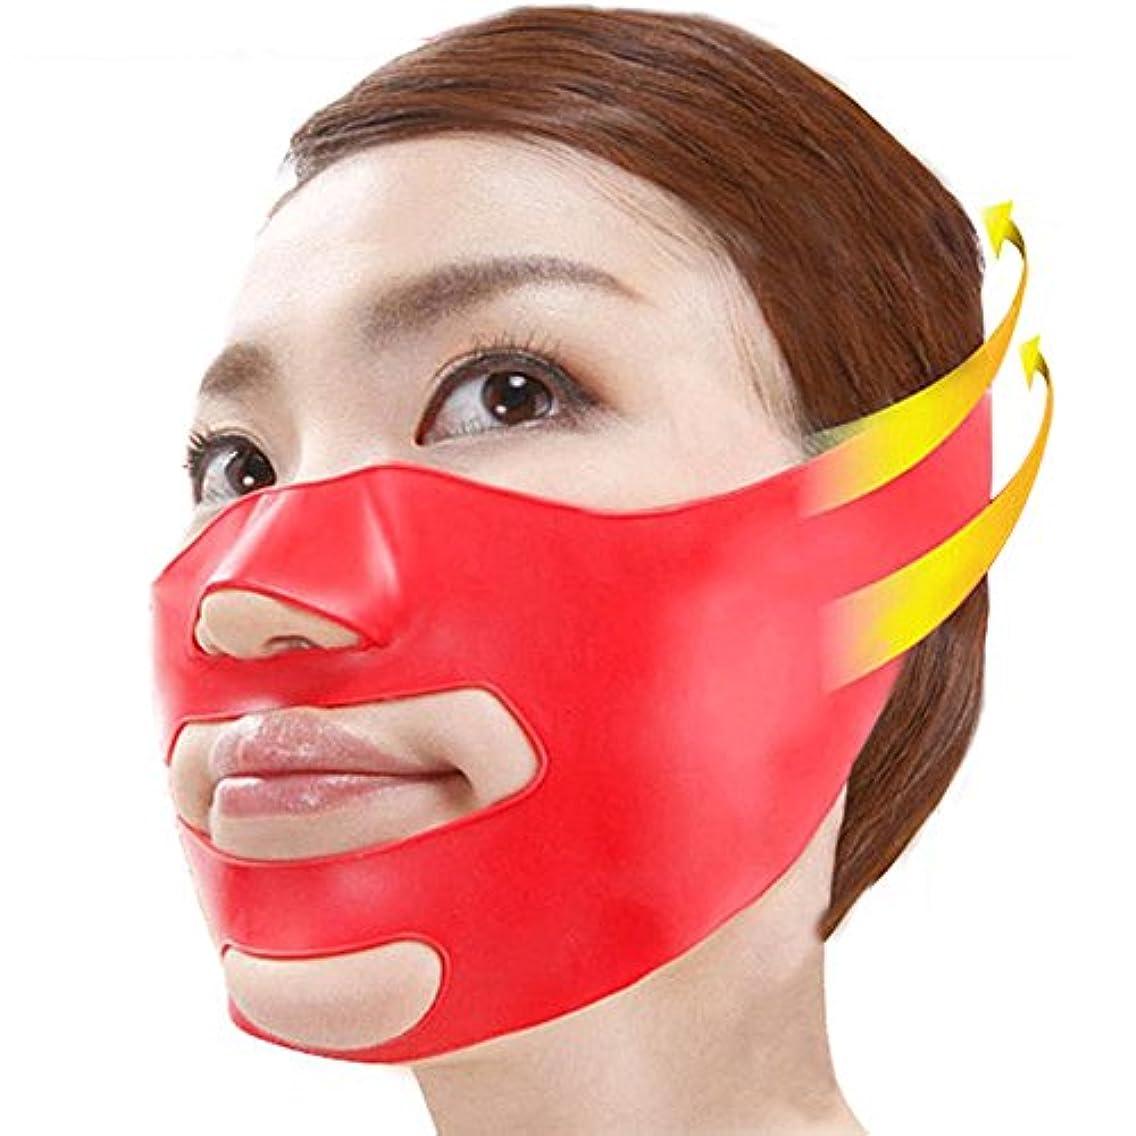 不潔関係ないアイデア3D 小顔 マッサージグッズ フェイスマスク 美容 顔痩せ ほうれい線 消す グッズ 美顔 矯正 (フリーサイズ, レッド)